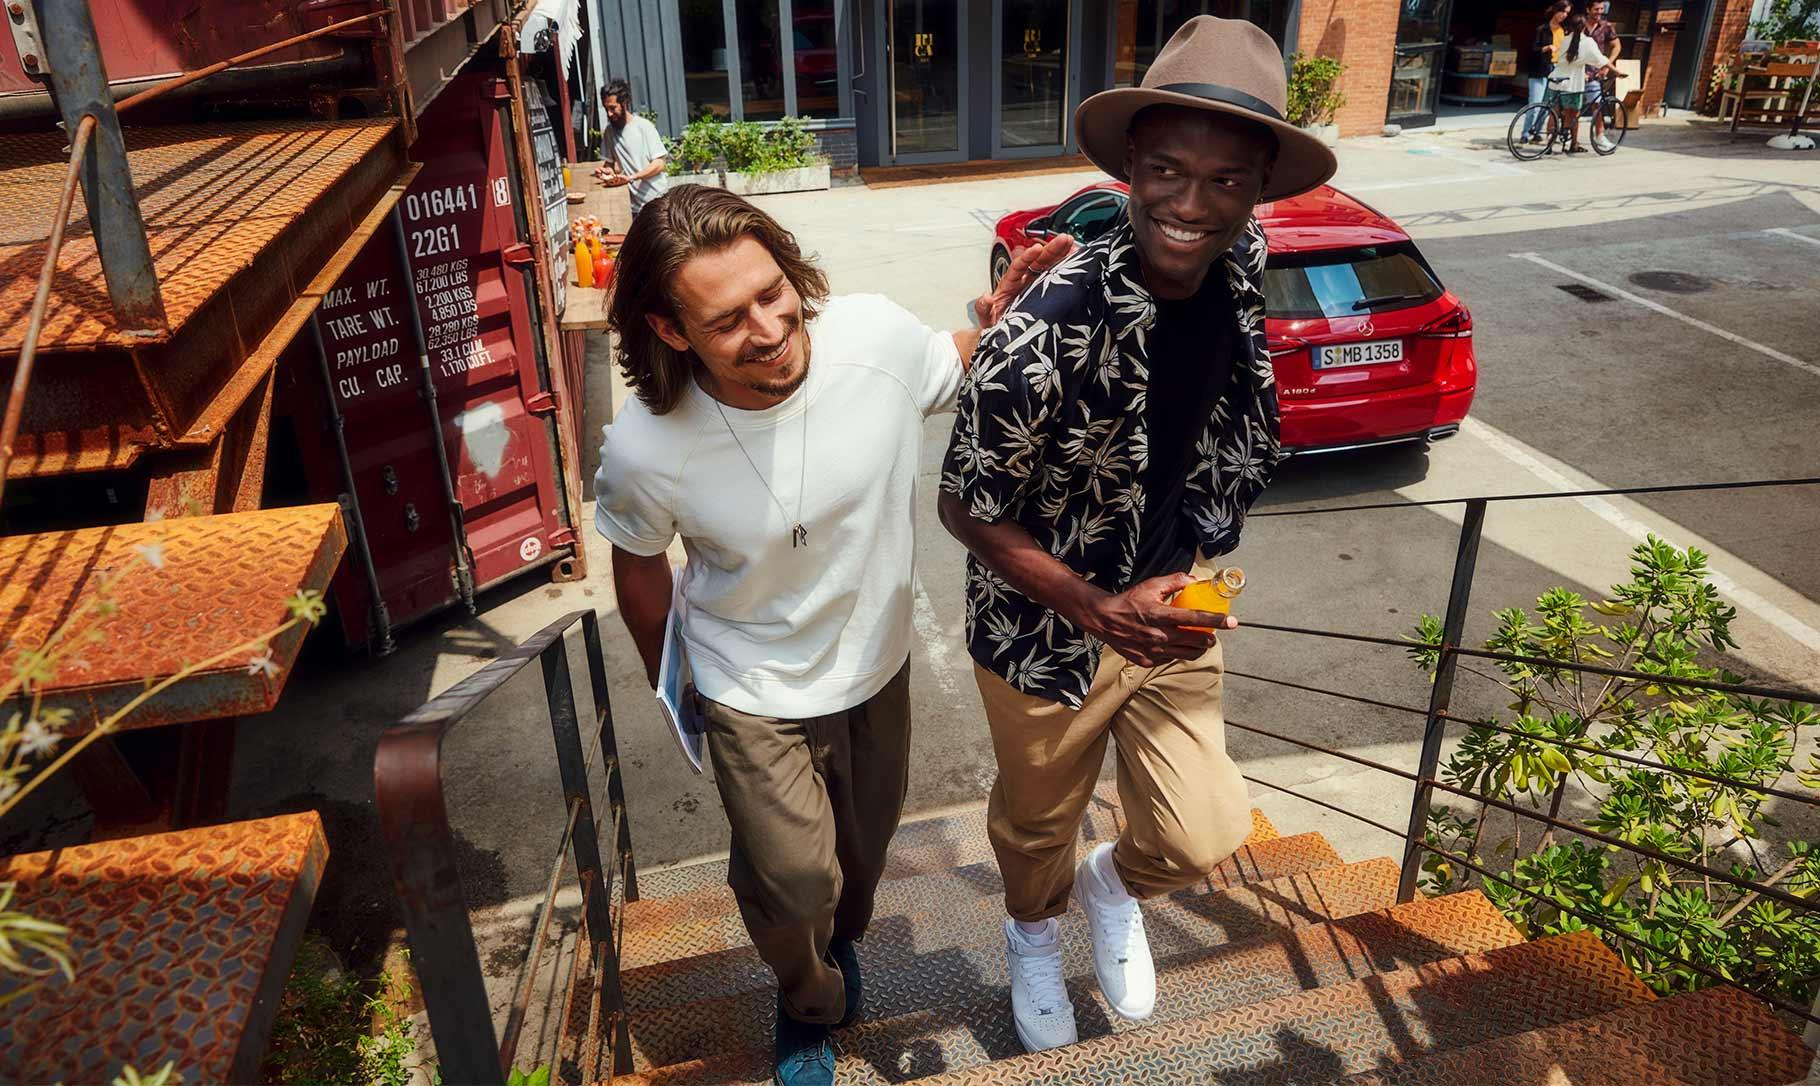 Zwei lächelnde Männer auf einer Treppe mit eine Mercedes-Benz im Hintergrund